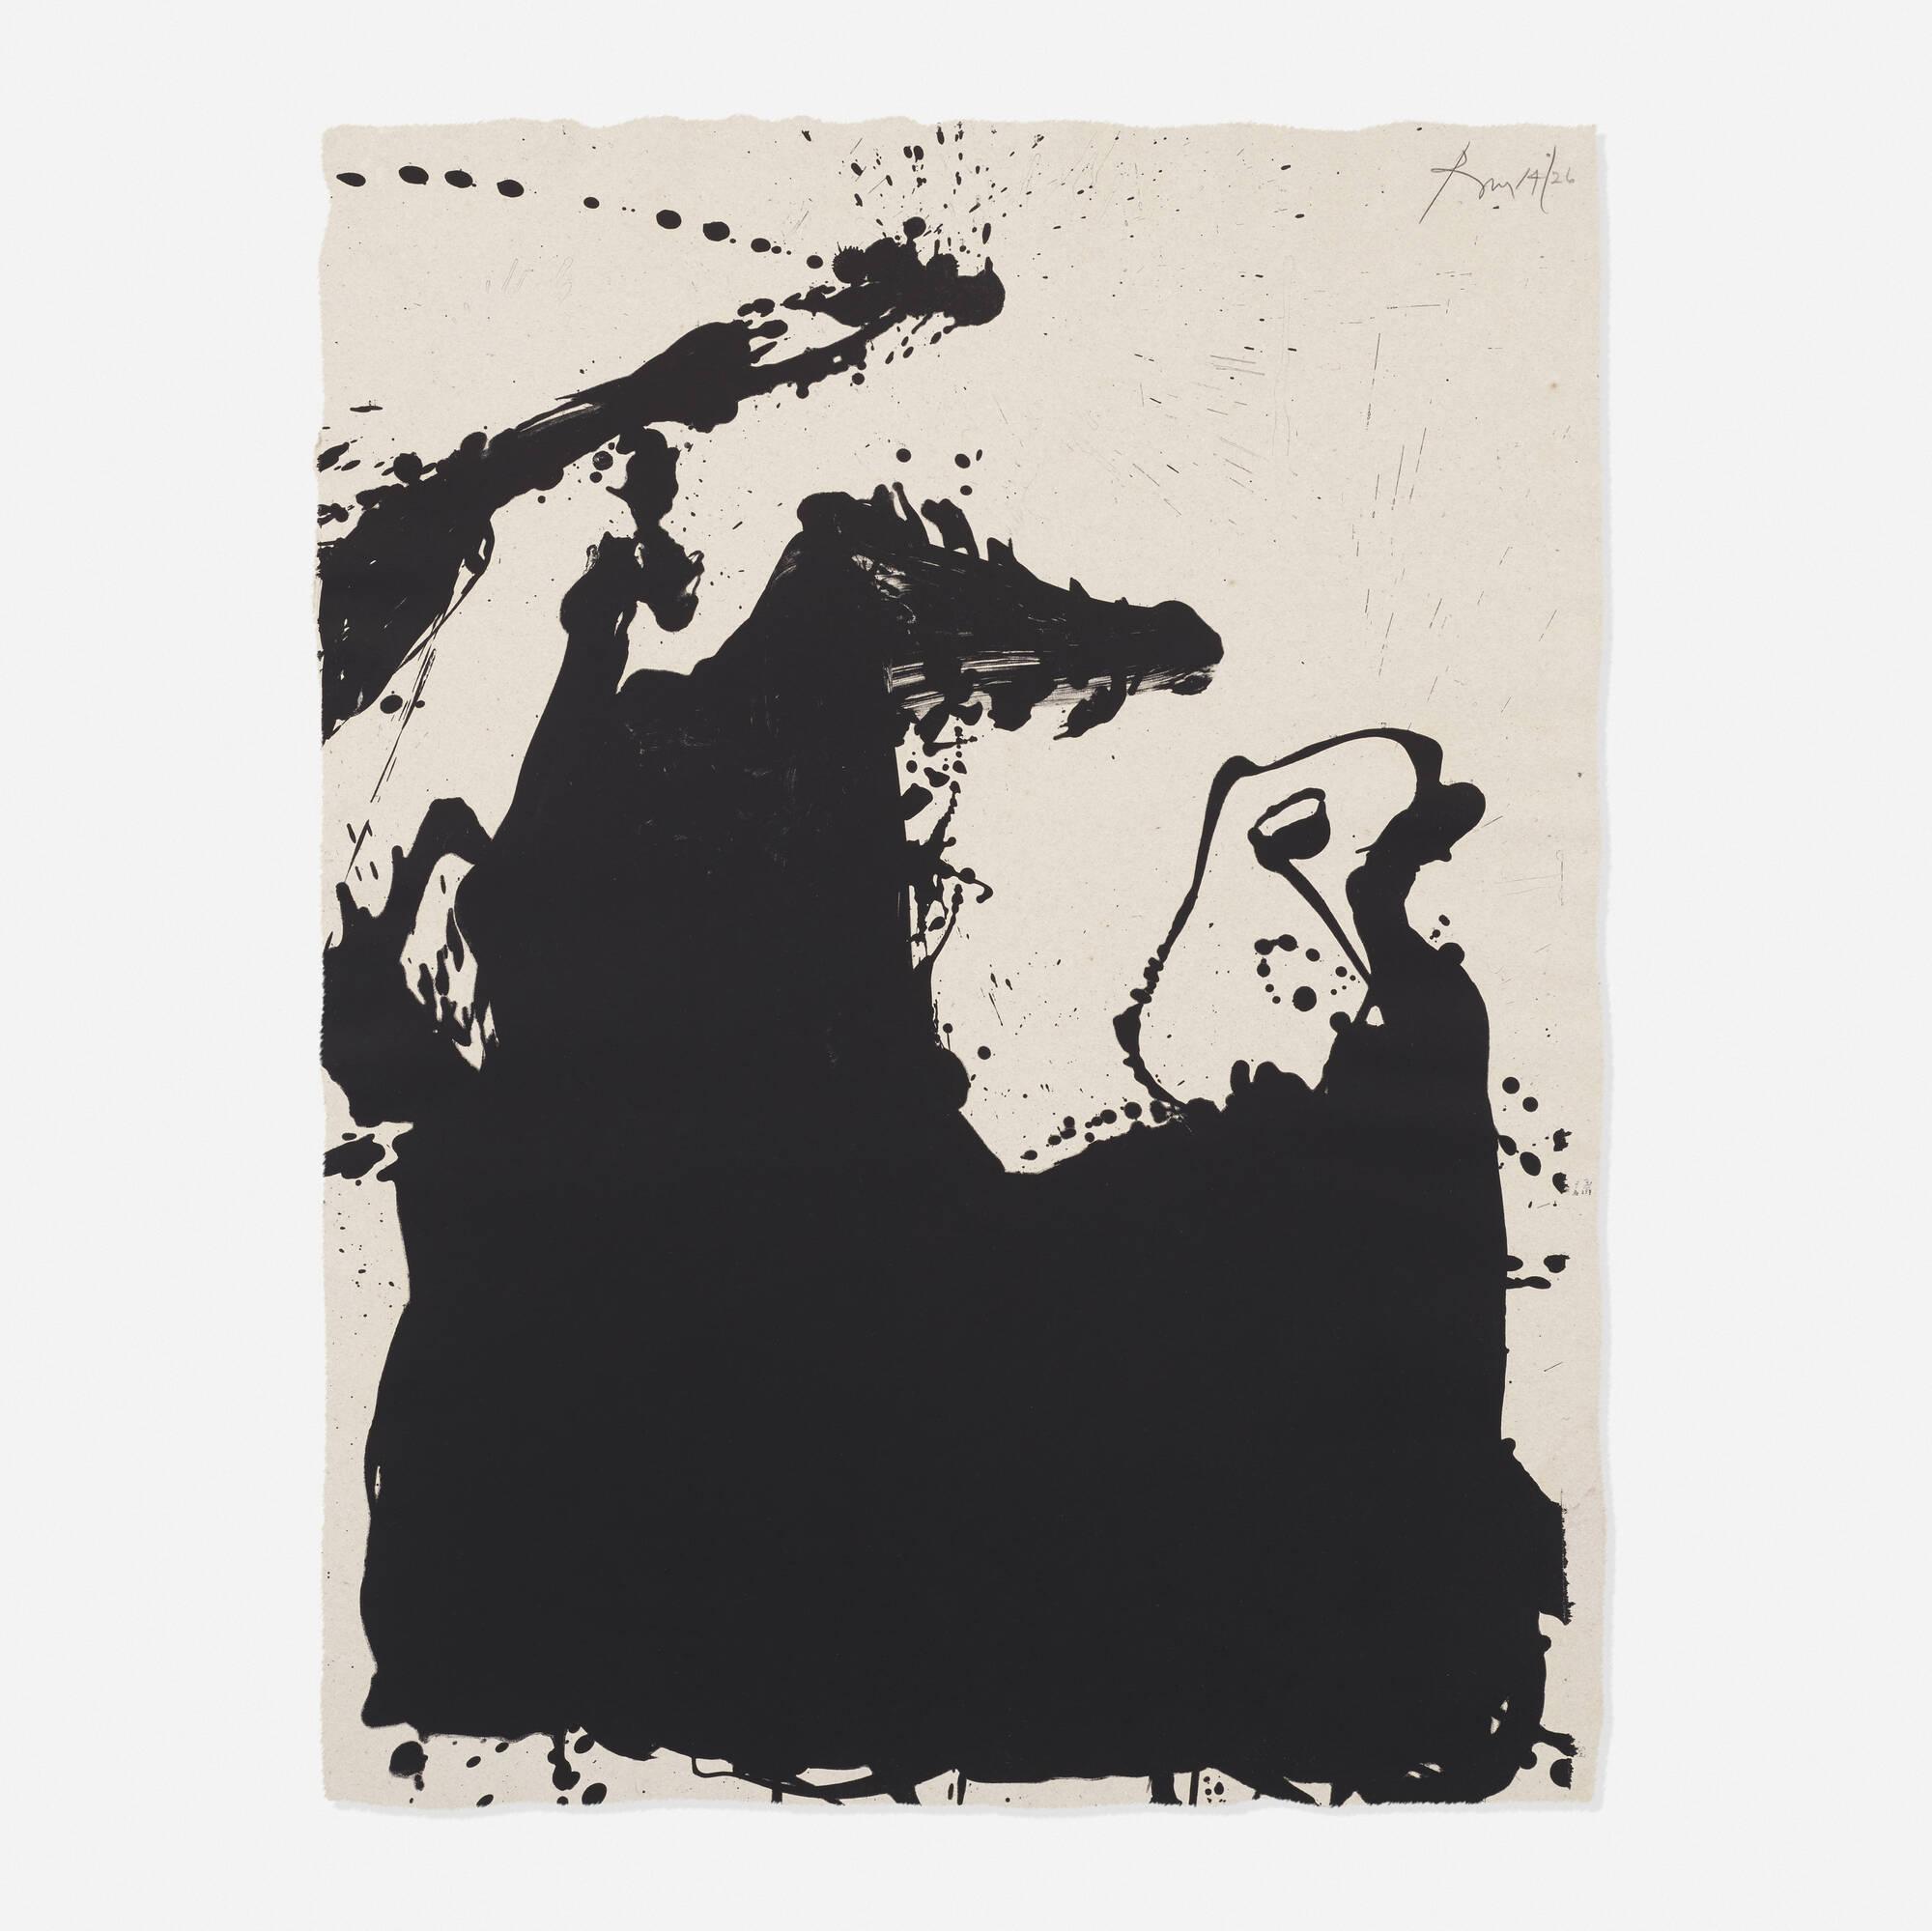 205: Robert Motherwell / Monster (1 of 1)